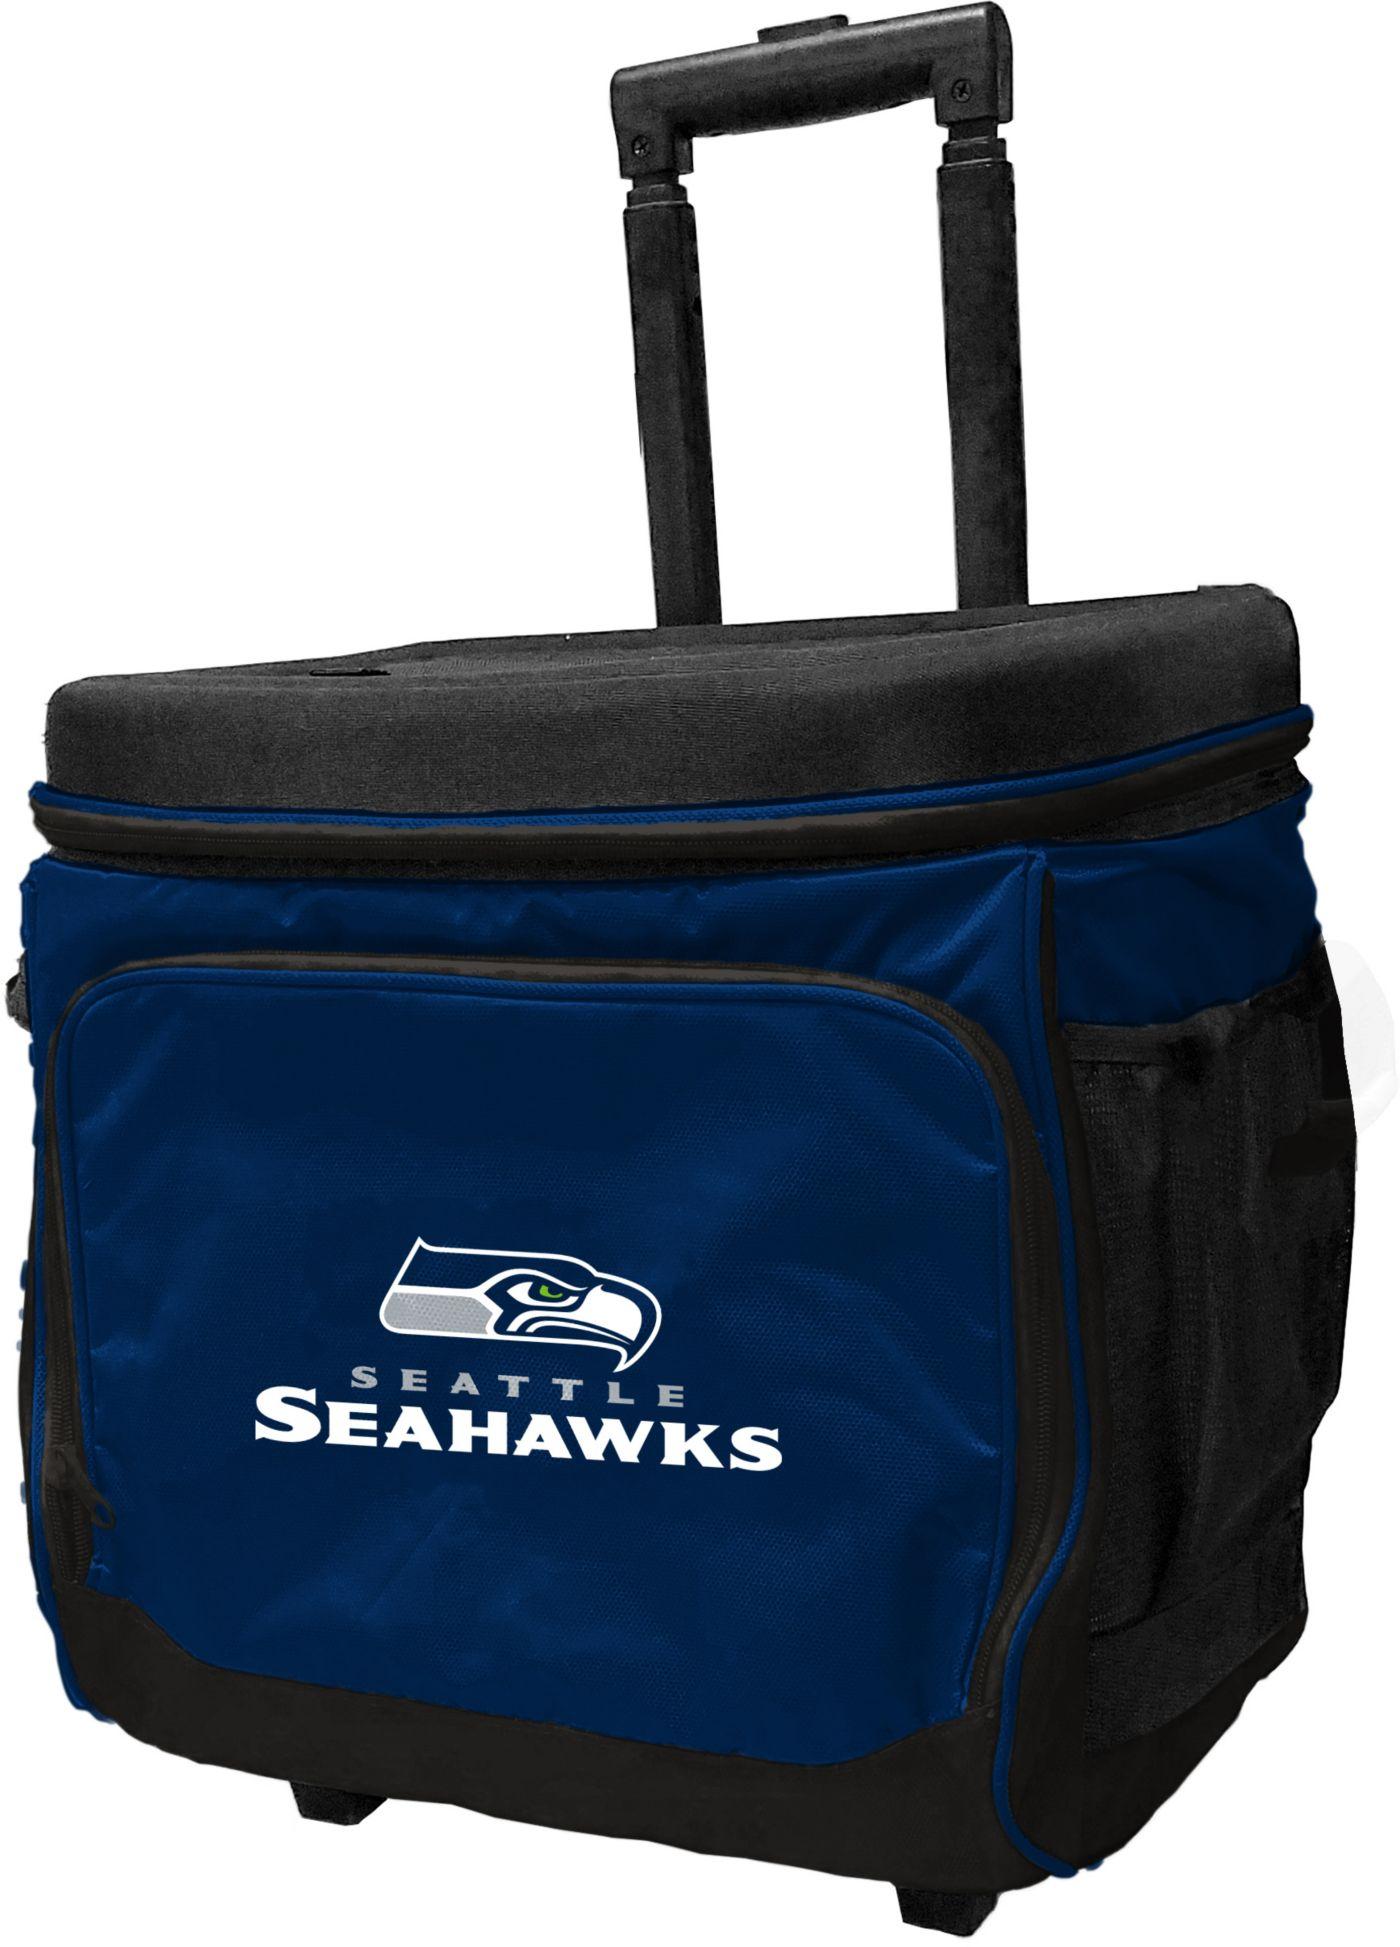 Seattle Seahawks Rolling Cooler